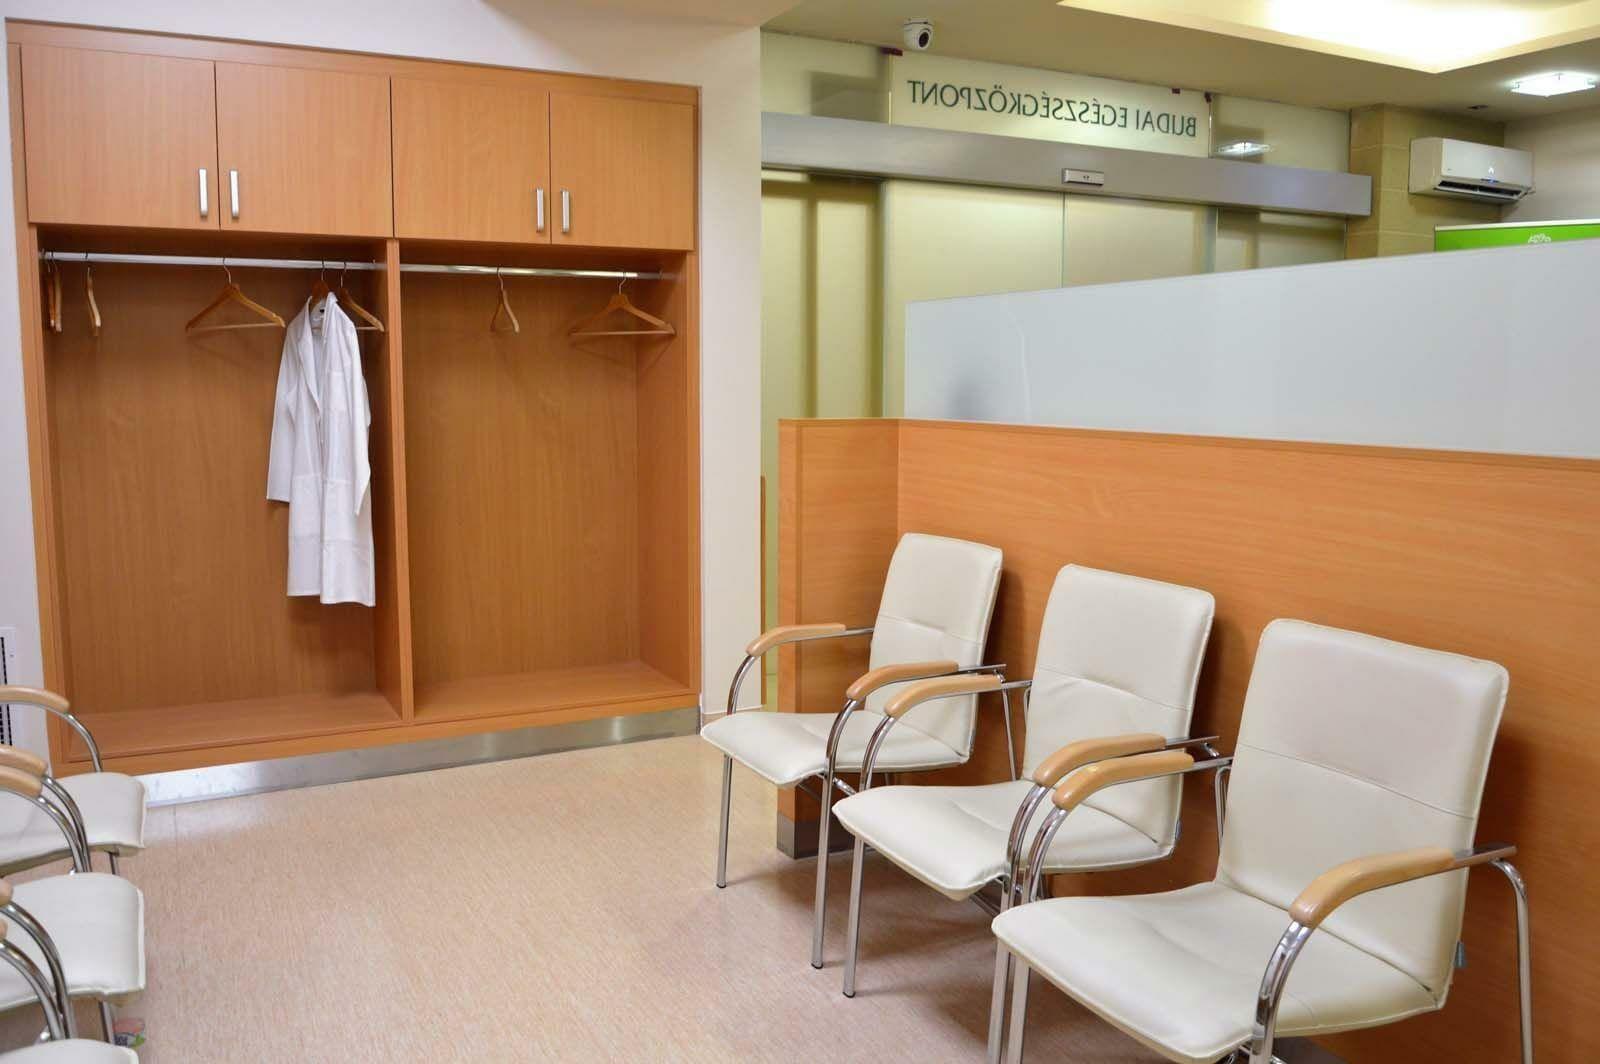 Egyedi várótermi beépített szekrény készítés és térelválasztó bútor gyártás